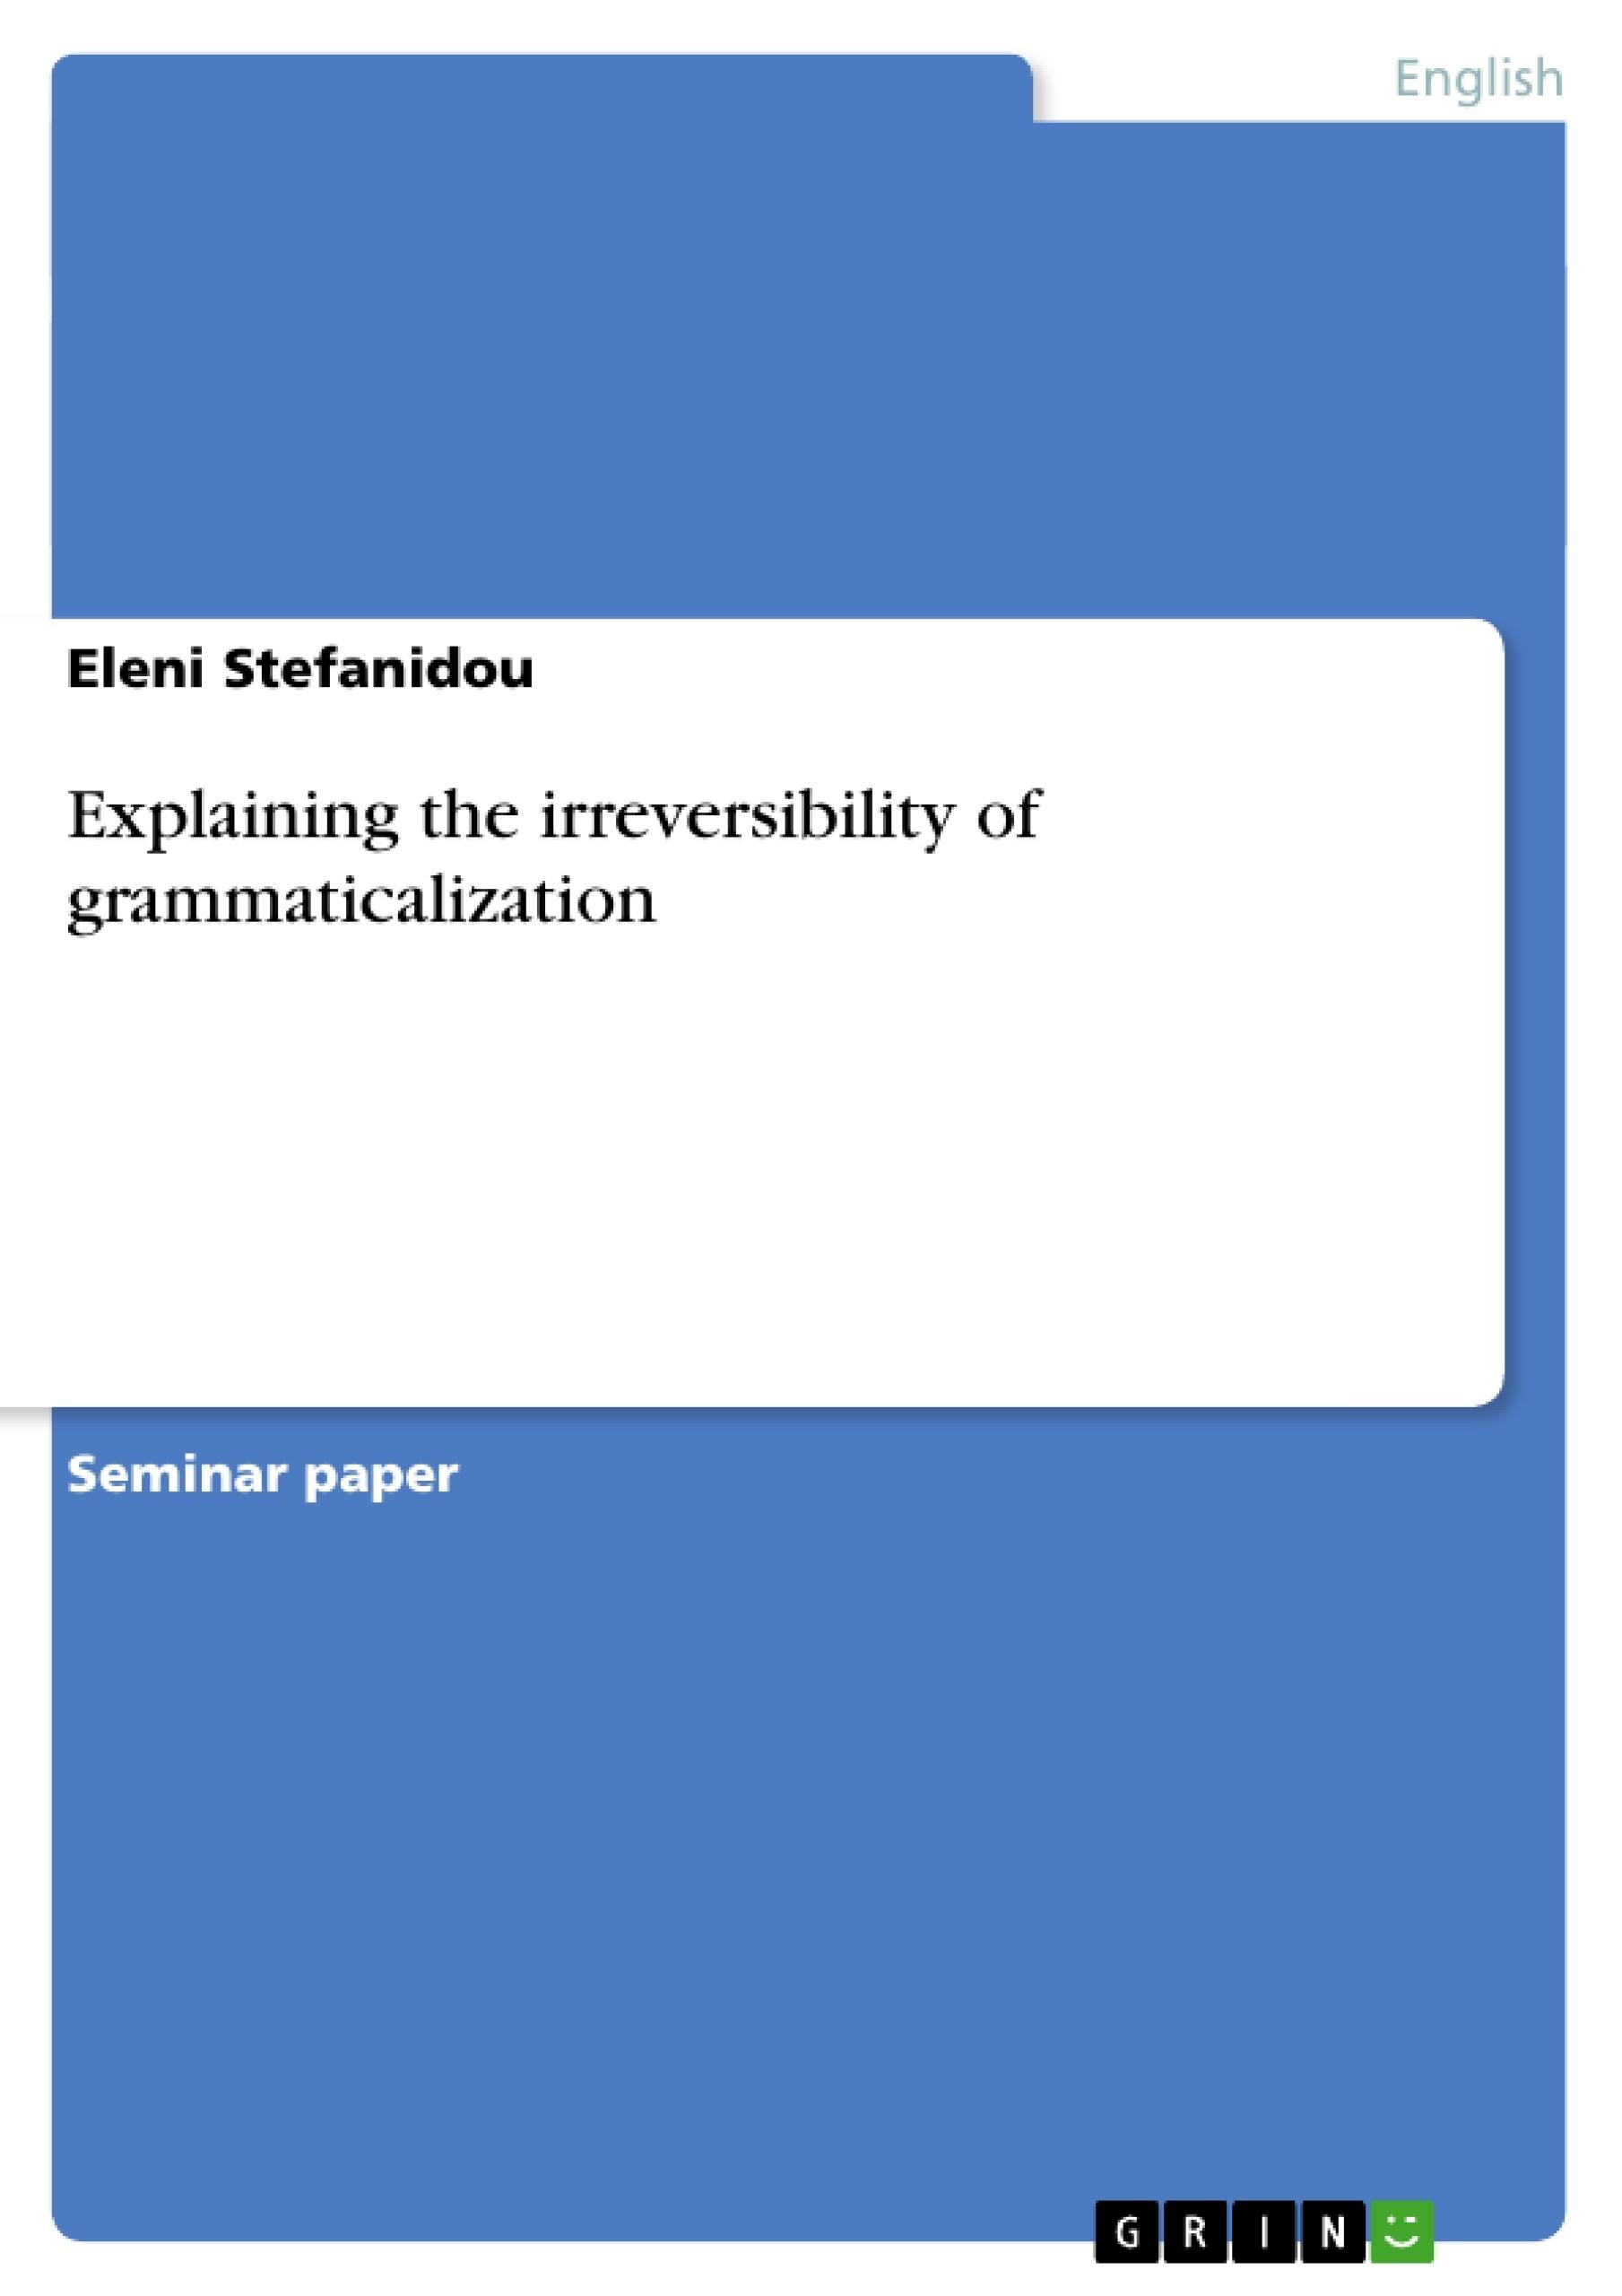 Title: Explaining the irreversibility of grammaticalization